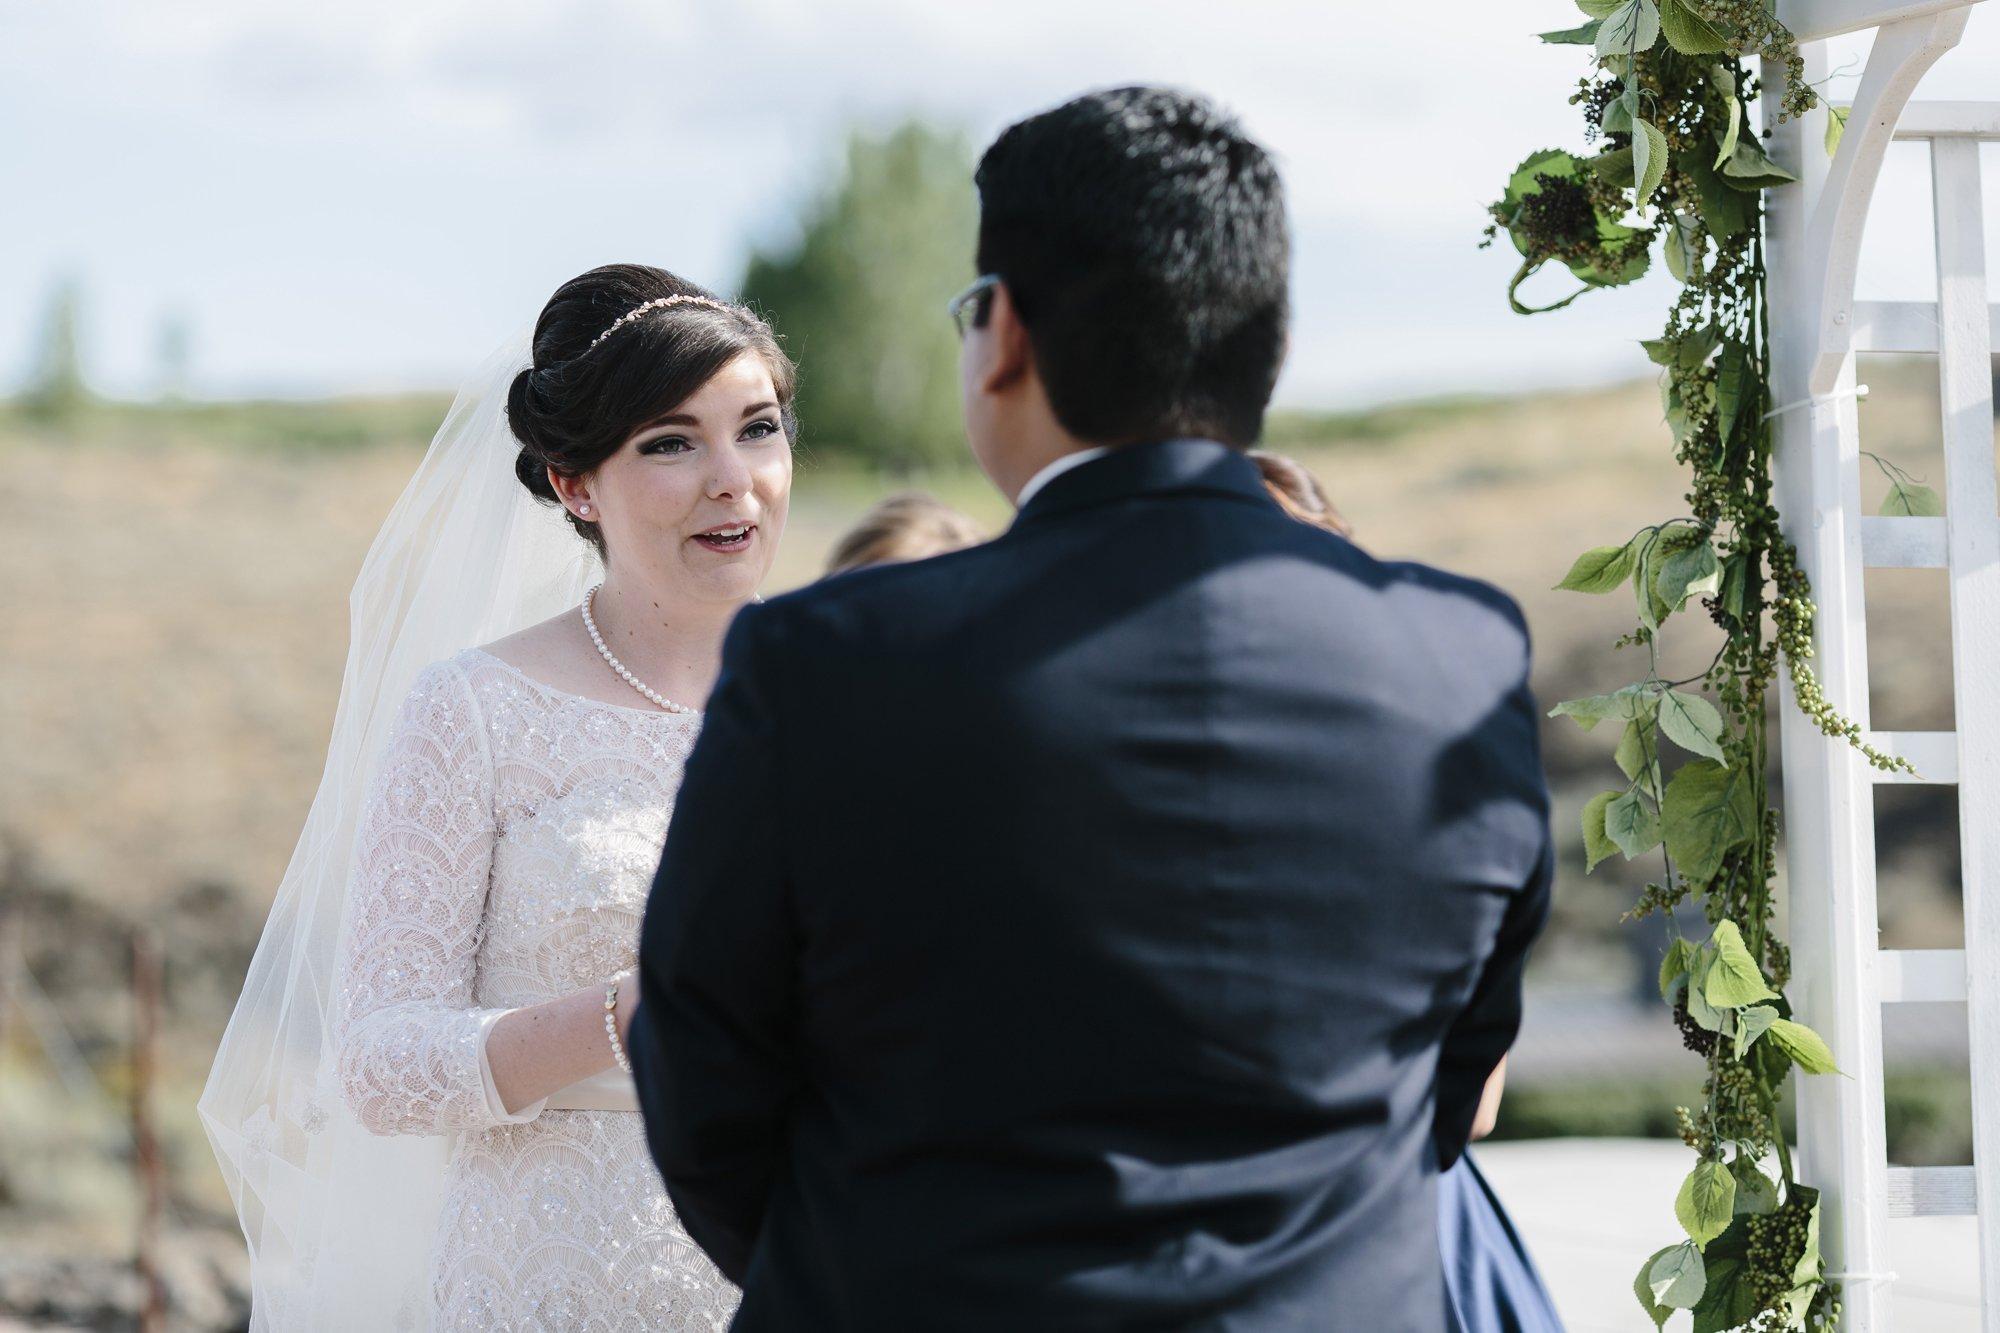 Moses Lake Wedding Photographer // Emily Wenzel Photography